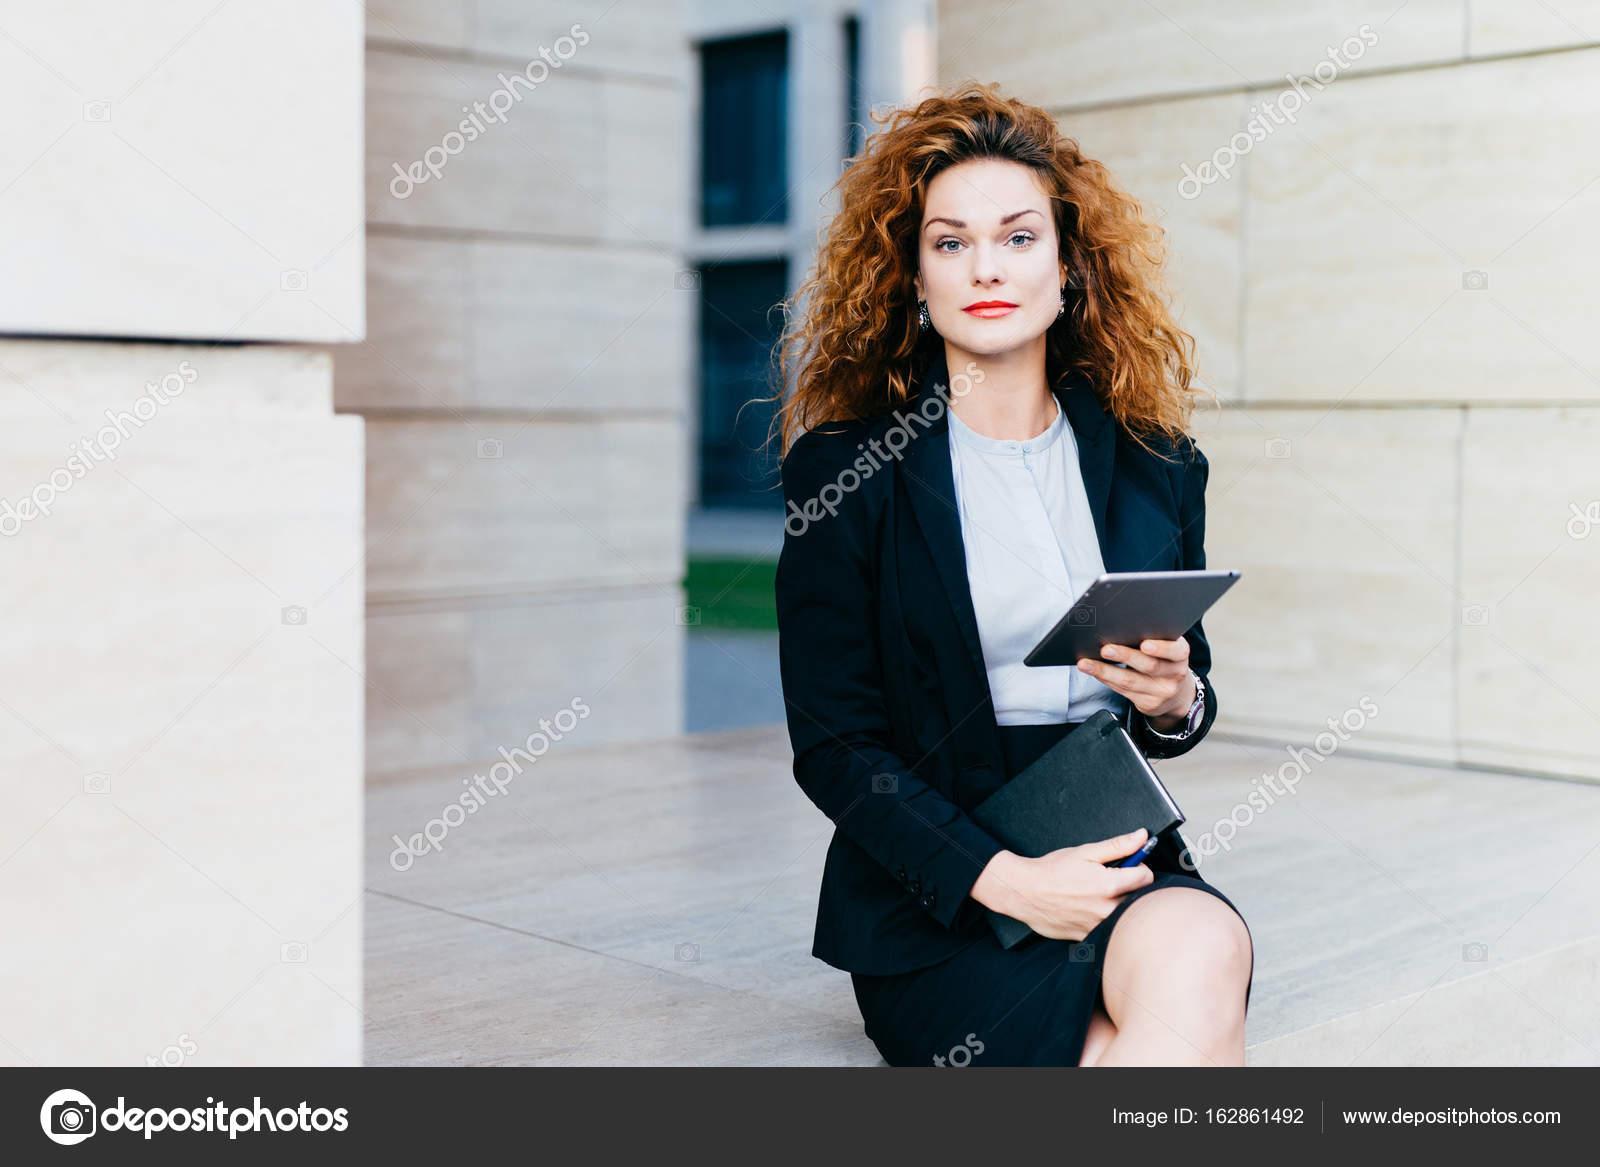 Vestito Elegante Ufficio : Ritratto di signora elegante vestito in camicia bianca giacca